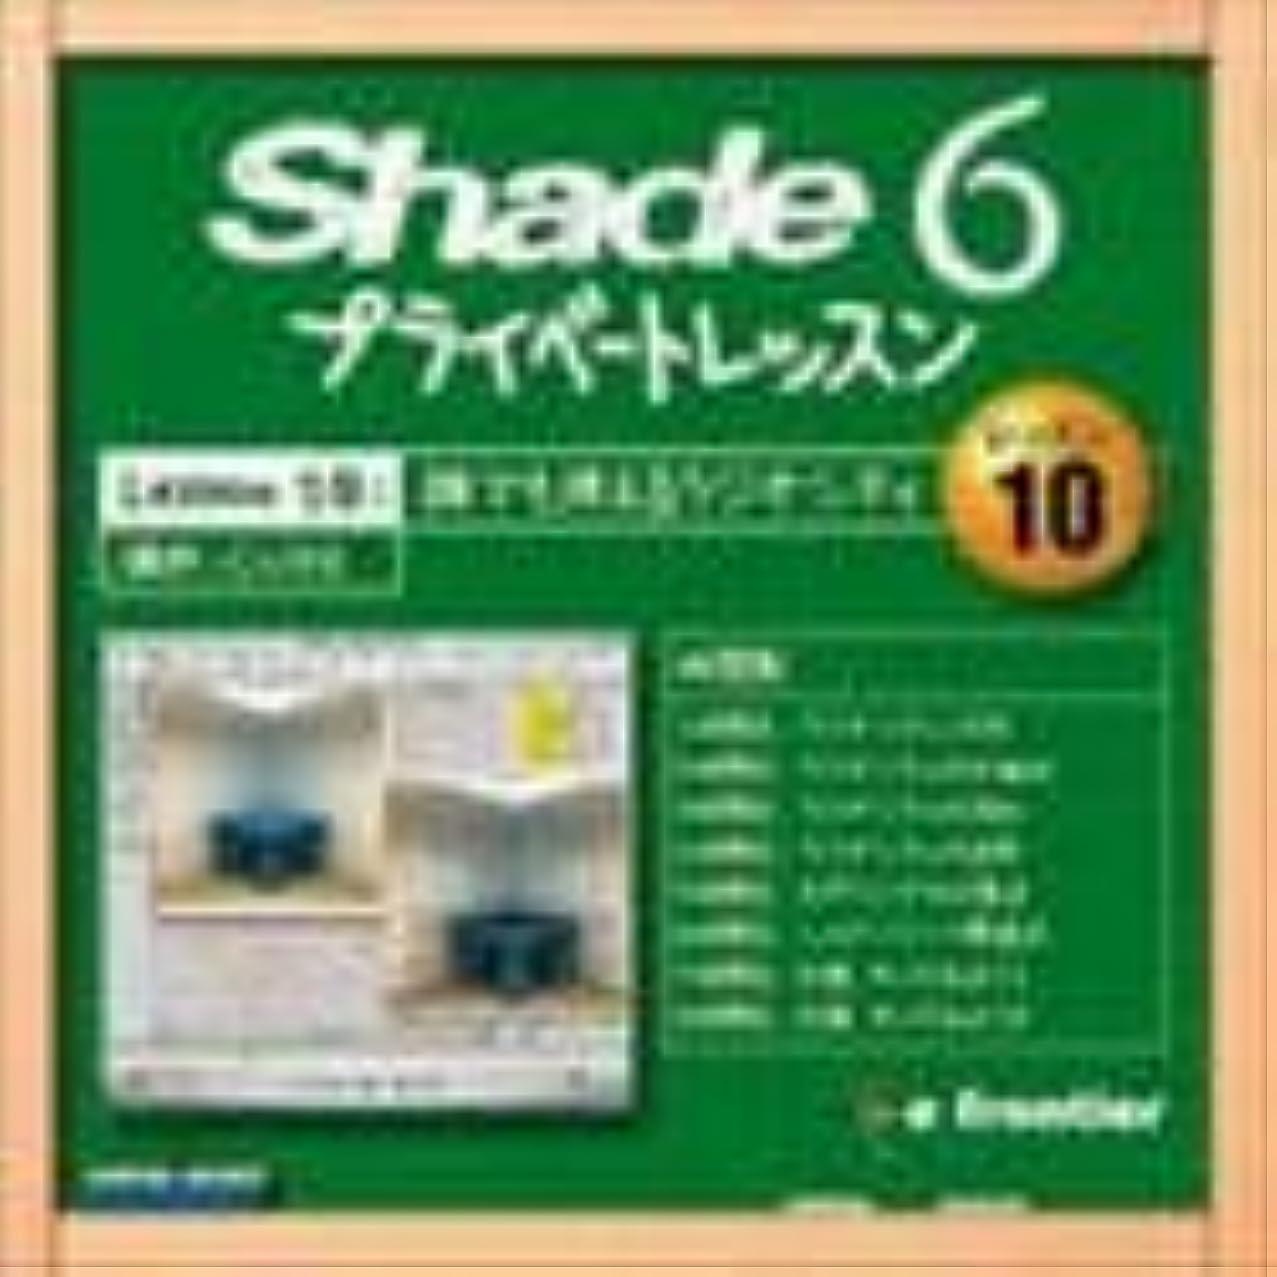 放棄する柔らかい真鍮Shade 6 プライベートレッスン Lesson 10:誰でも使えるラジオシティ